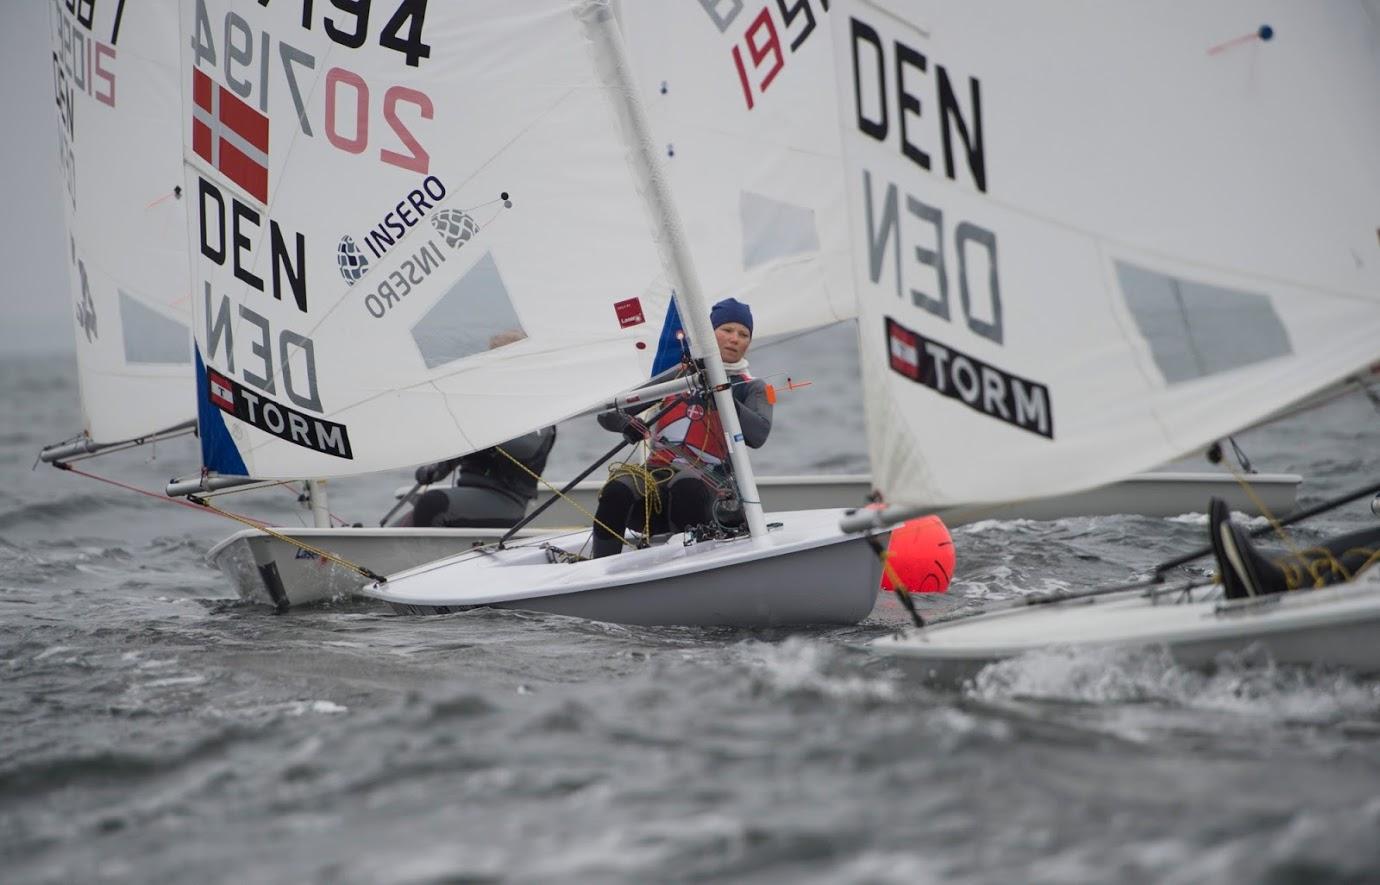 OL bronze vinder, Anne Marie Rindom, havde også fundet vej til træningslejr på Aarhus Bugten. Foto: Jens Thaysen.